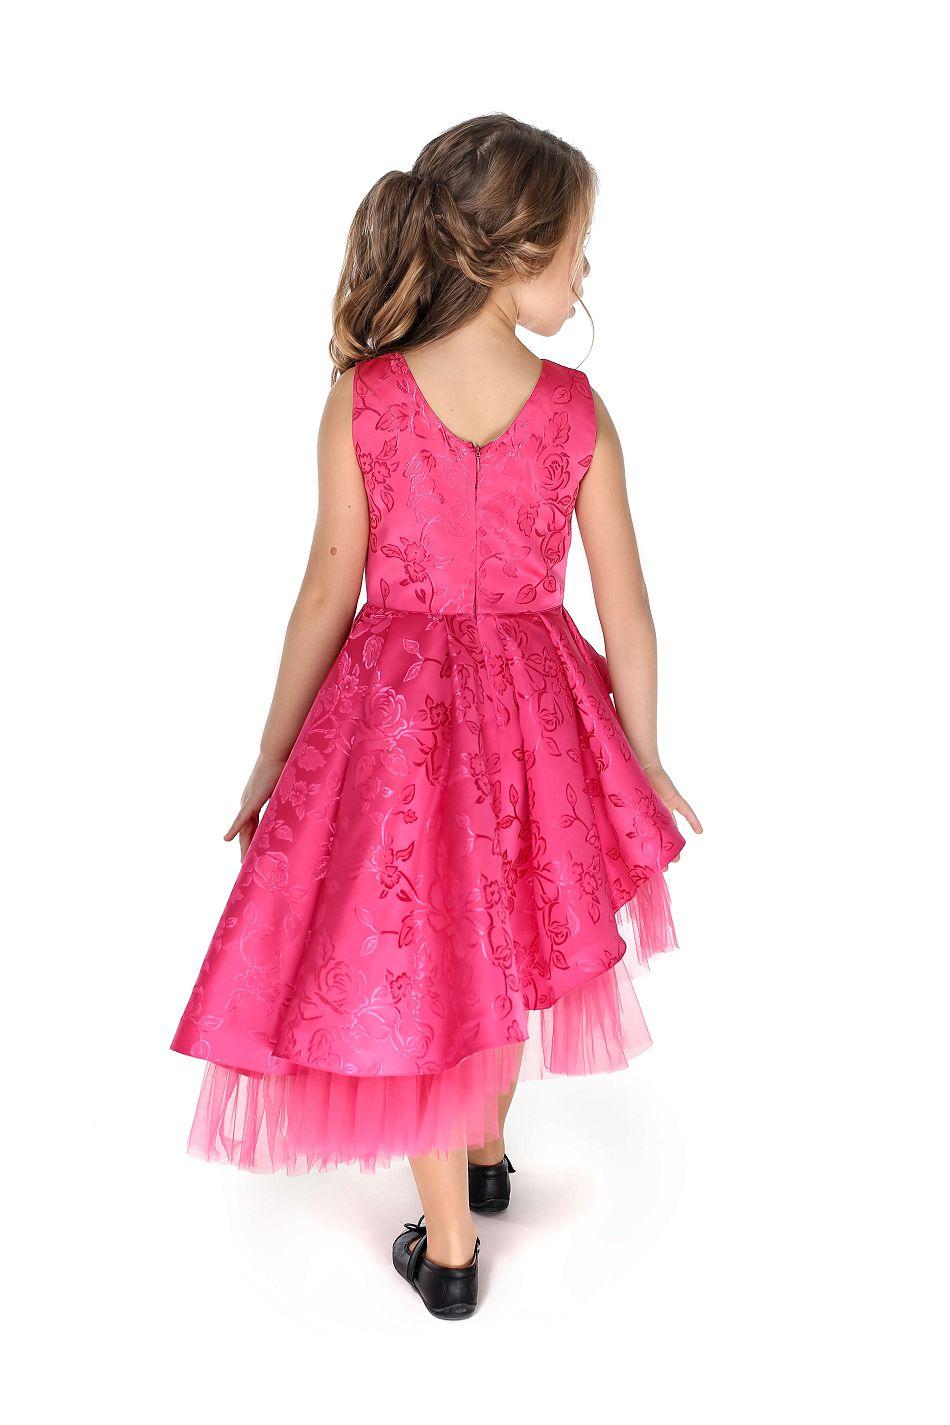 Красивое малиновое платье нарядное на девочку